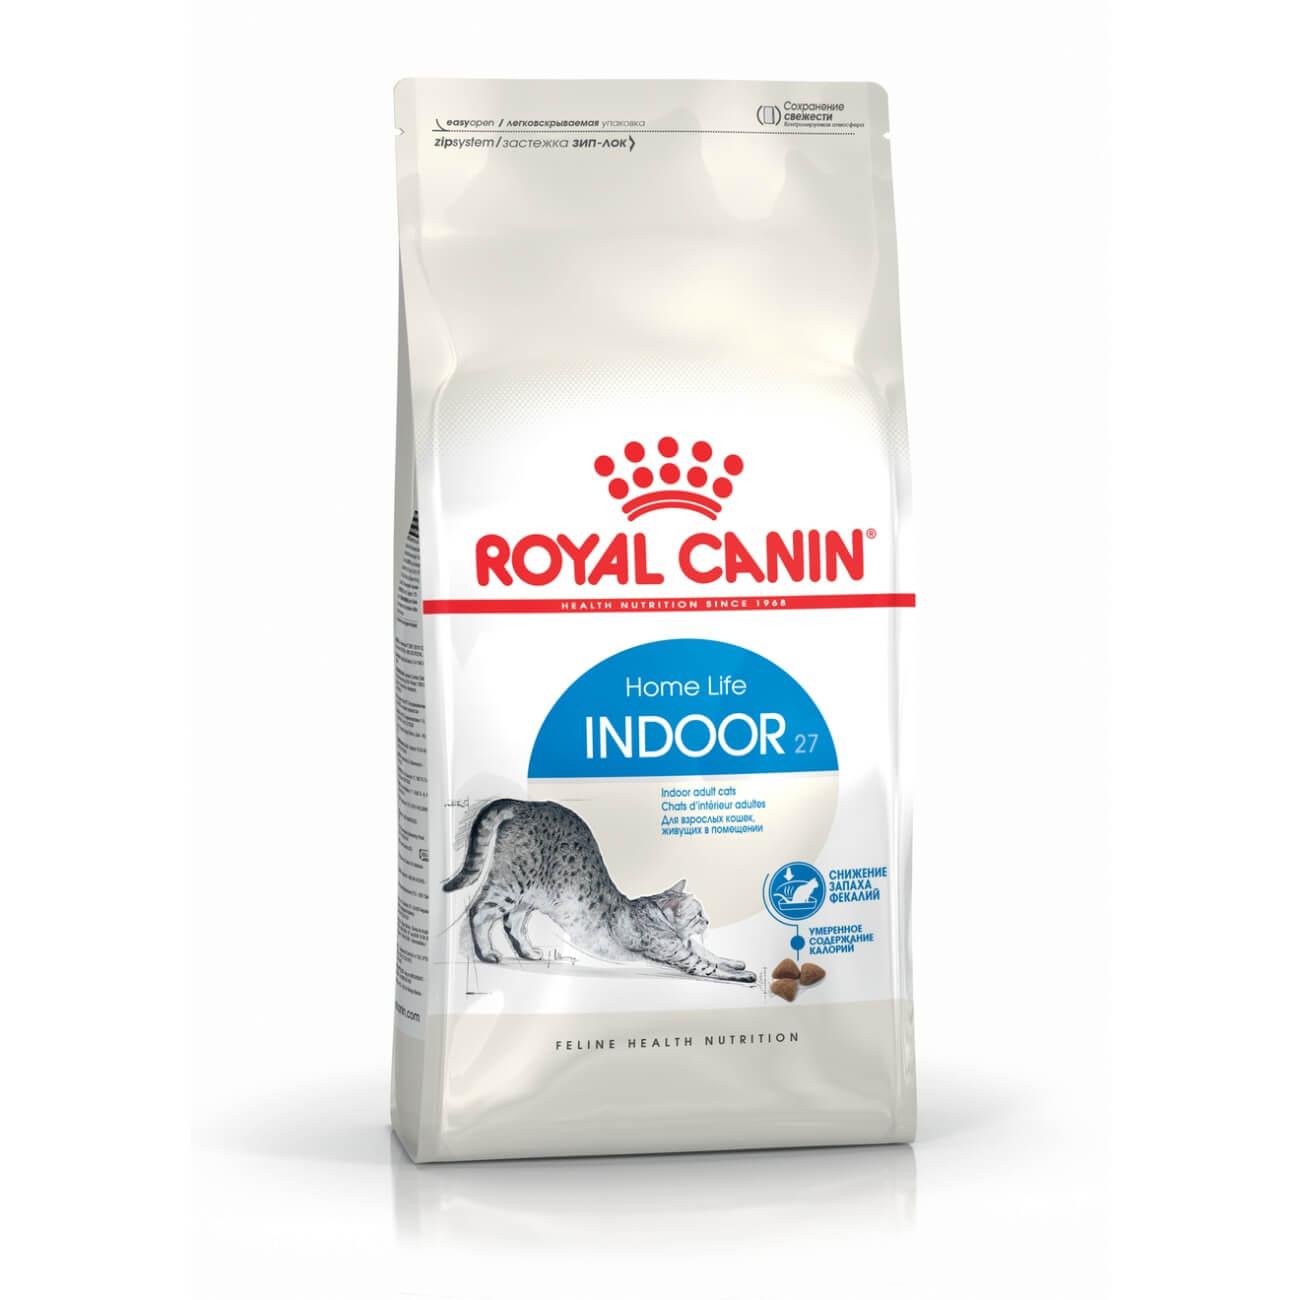 Royal Canin Indoor - lakásban tartott felnőtt macska száraz táp 10 kg (8,5 kg + 1,5 kg ajándék)